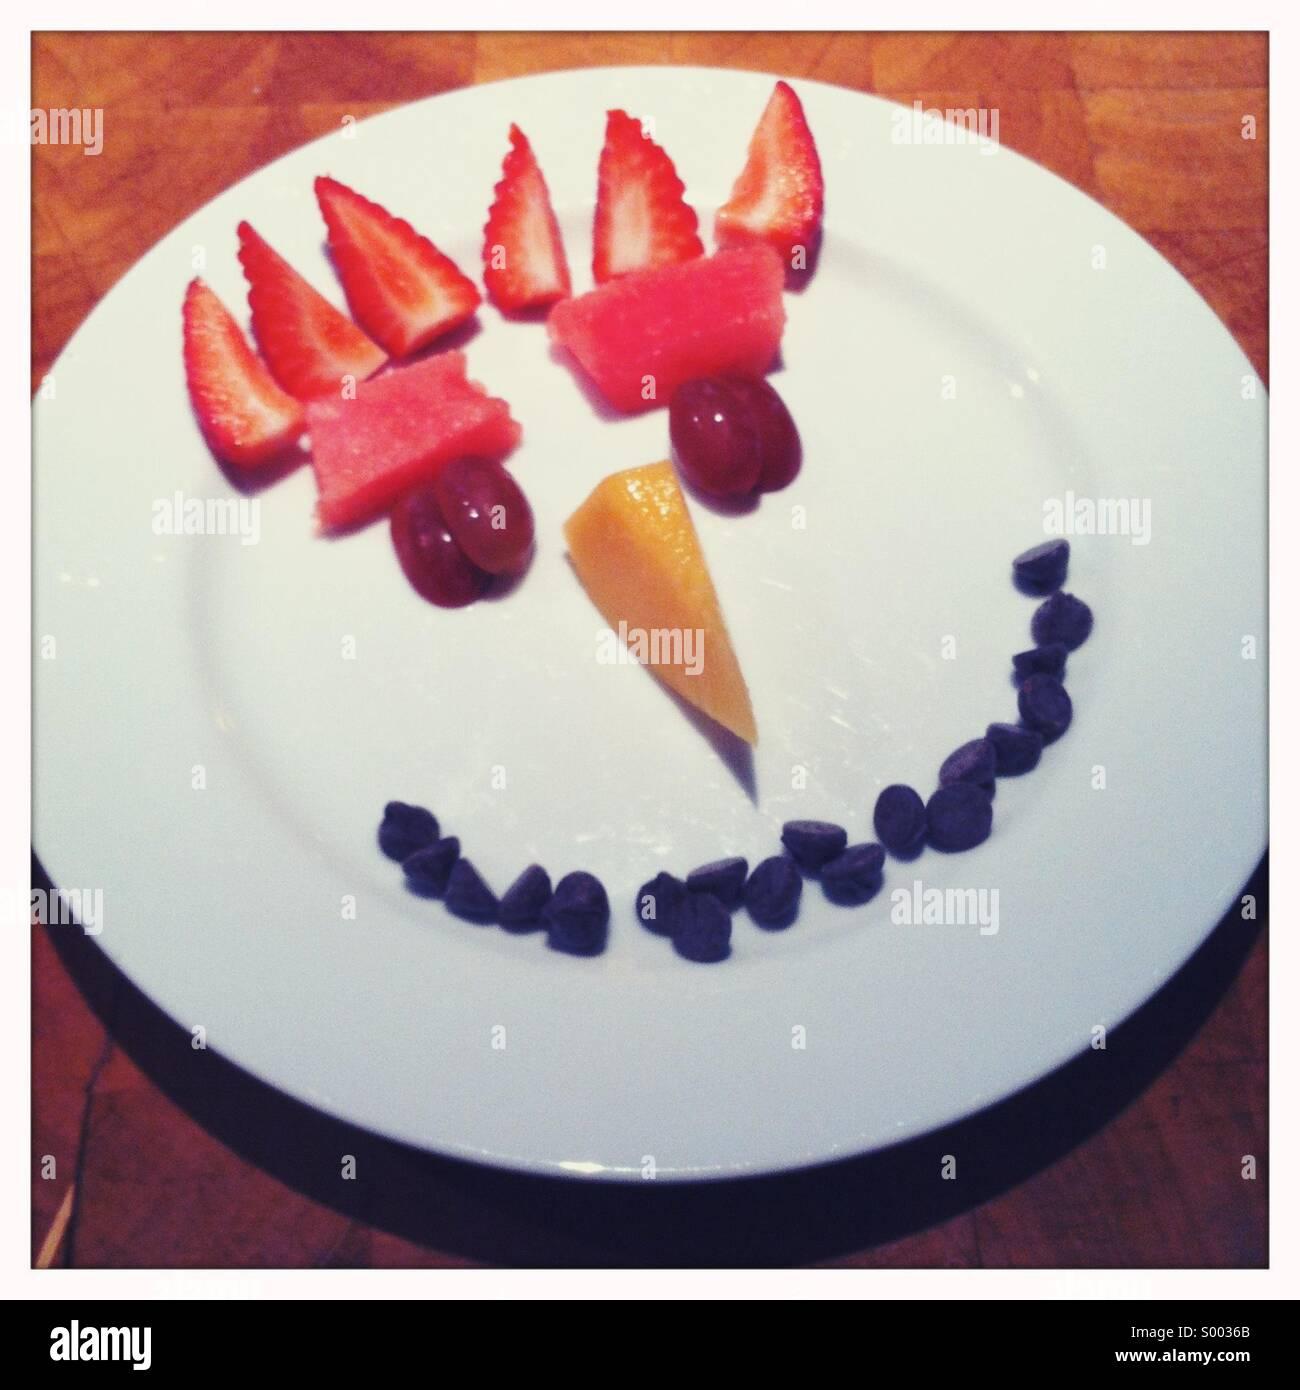 Kinderteller mit Gesicht erstellt mit Essen Stockbild